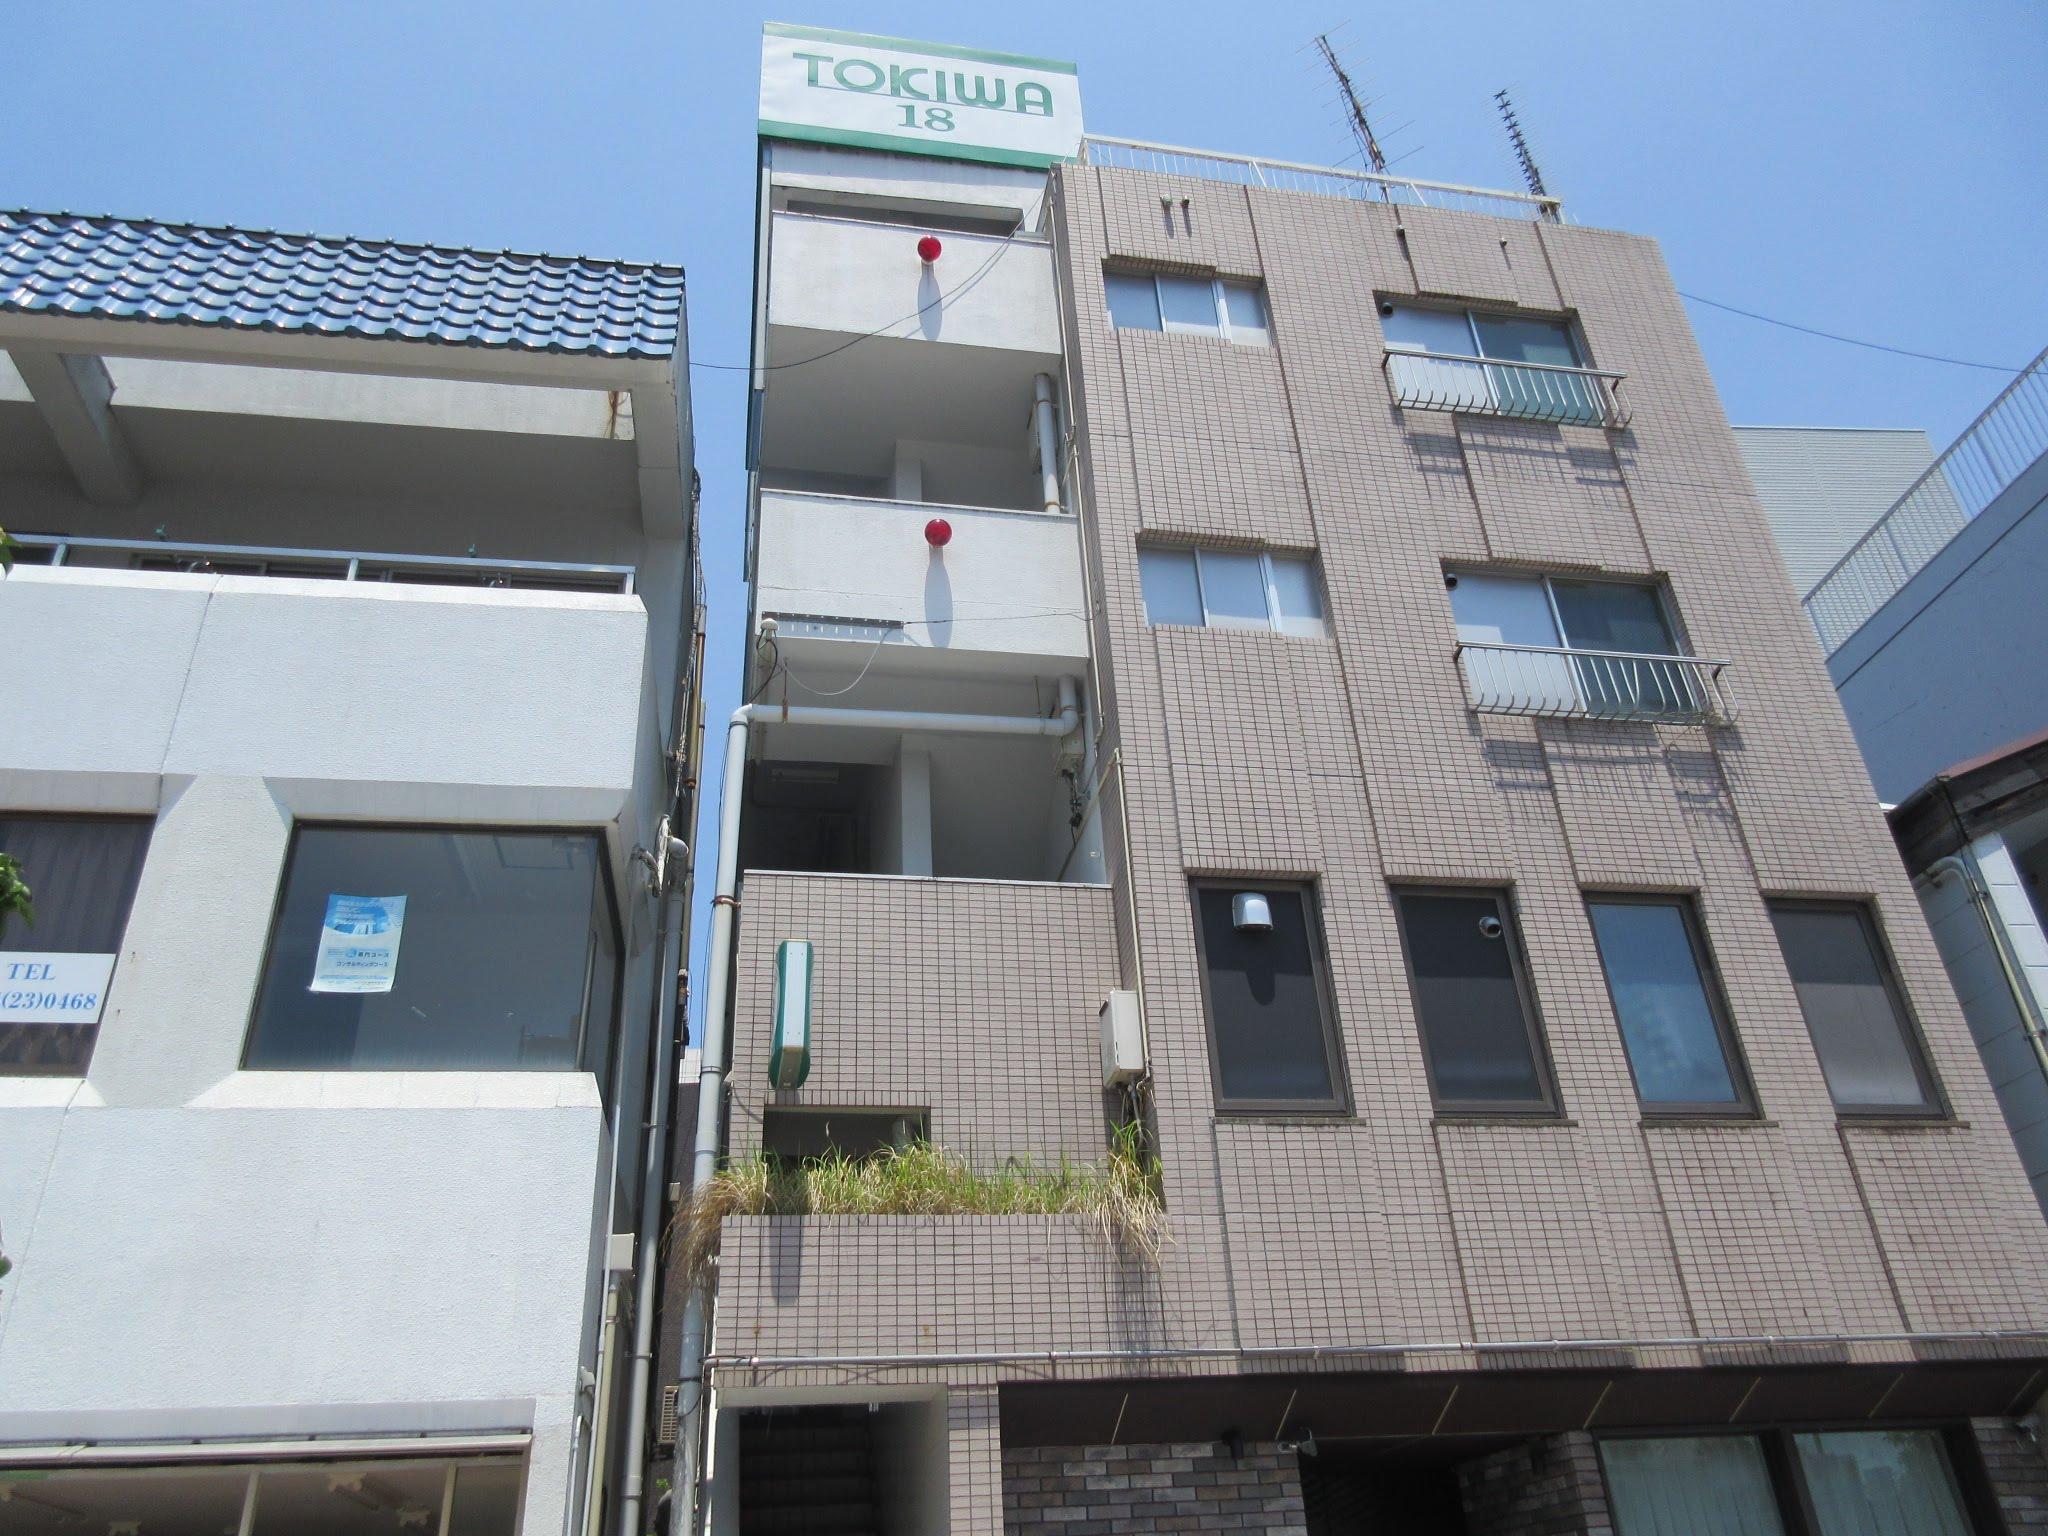 宮崎市 TOKIWA18 一人暮らし賃貸物件 宮崎駅と中心街まで徒歩5分内 【不動産のリーラボ】